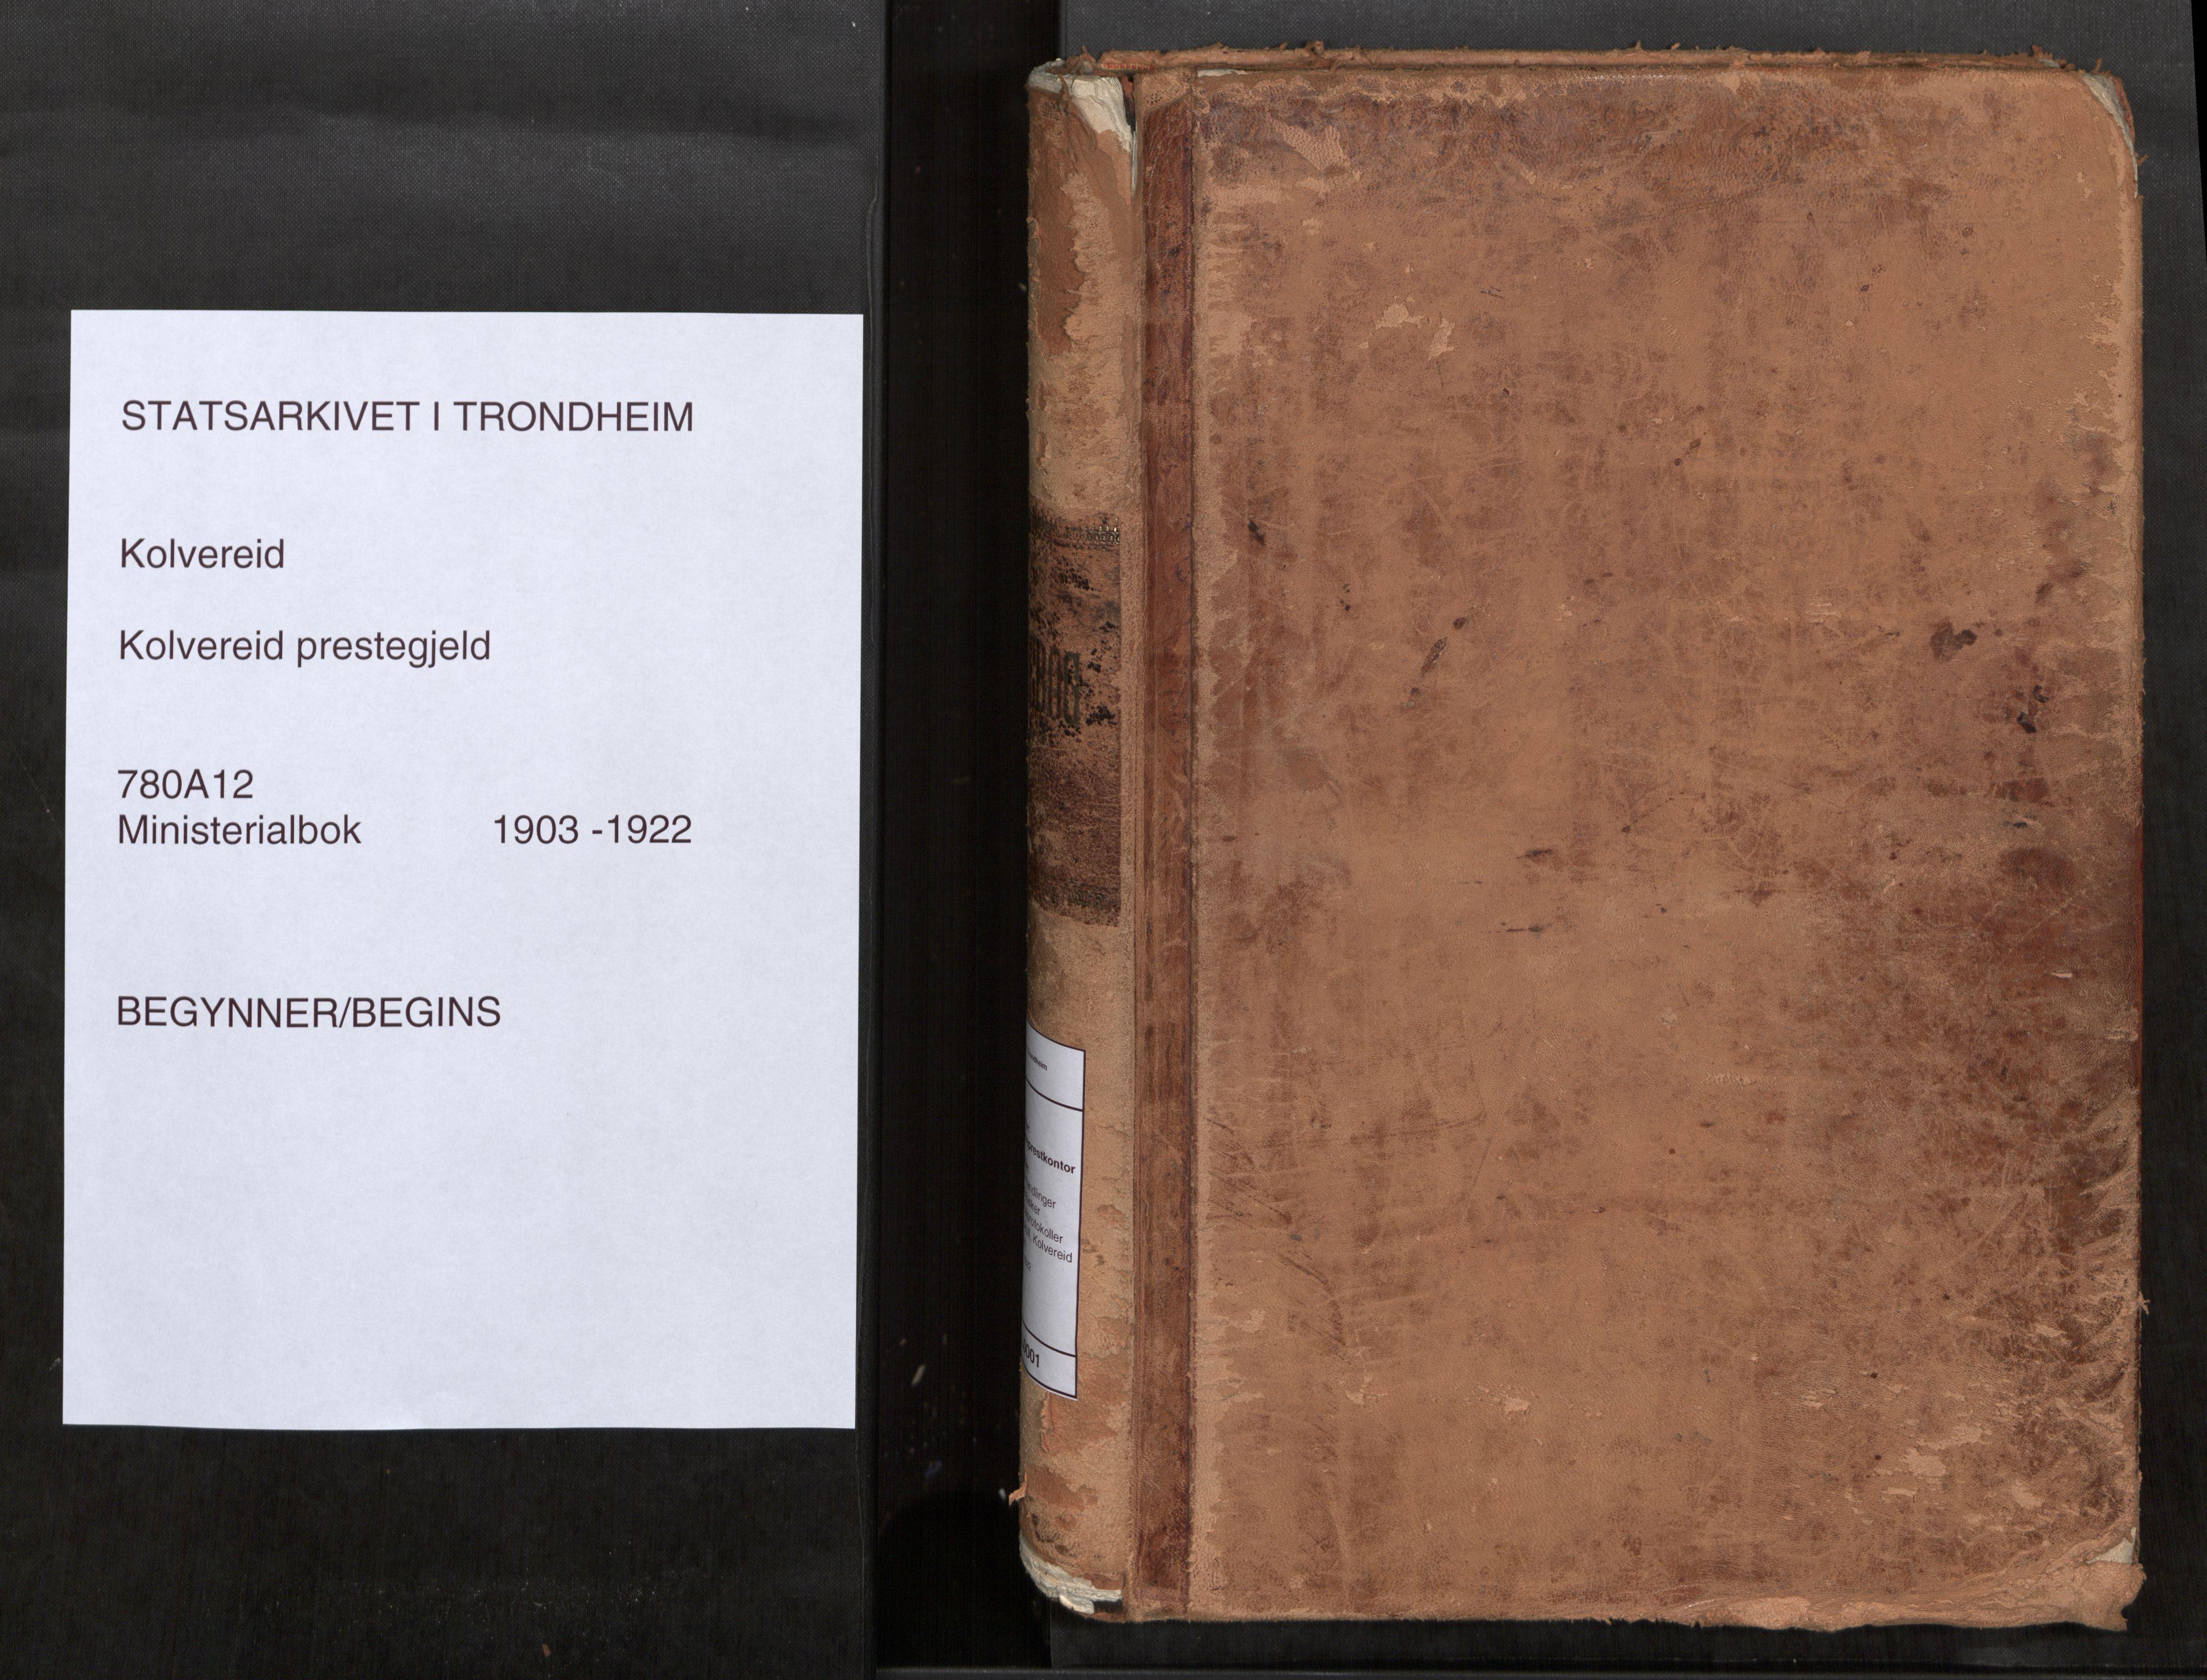 SAT, Kolvereid sokneprestkontor, H/Ha/Haa/L0001: Ministerialbok nr. 1, 1903-1922